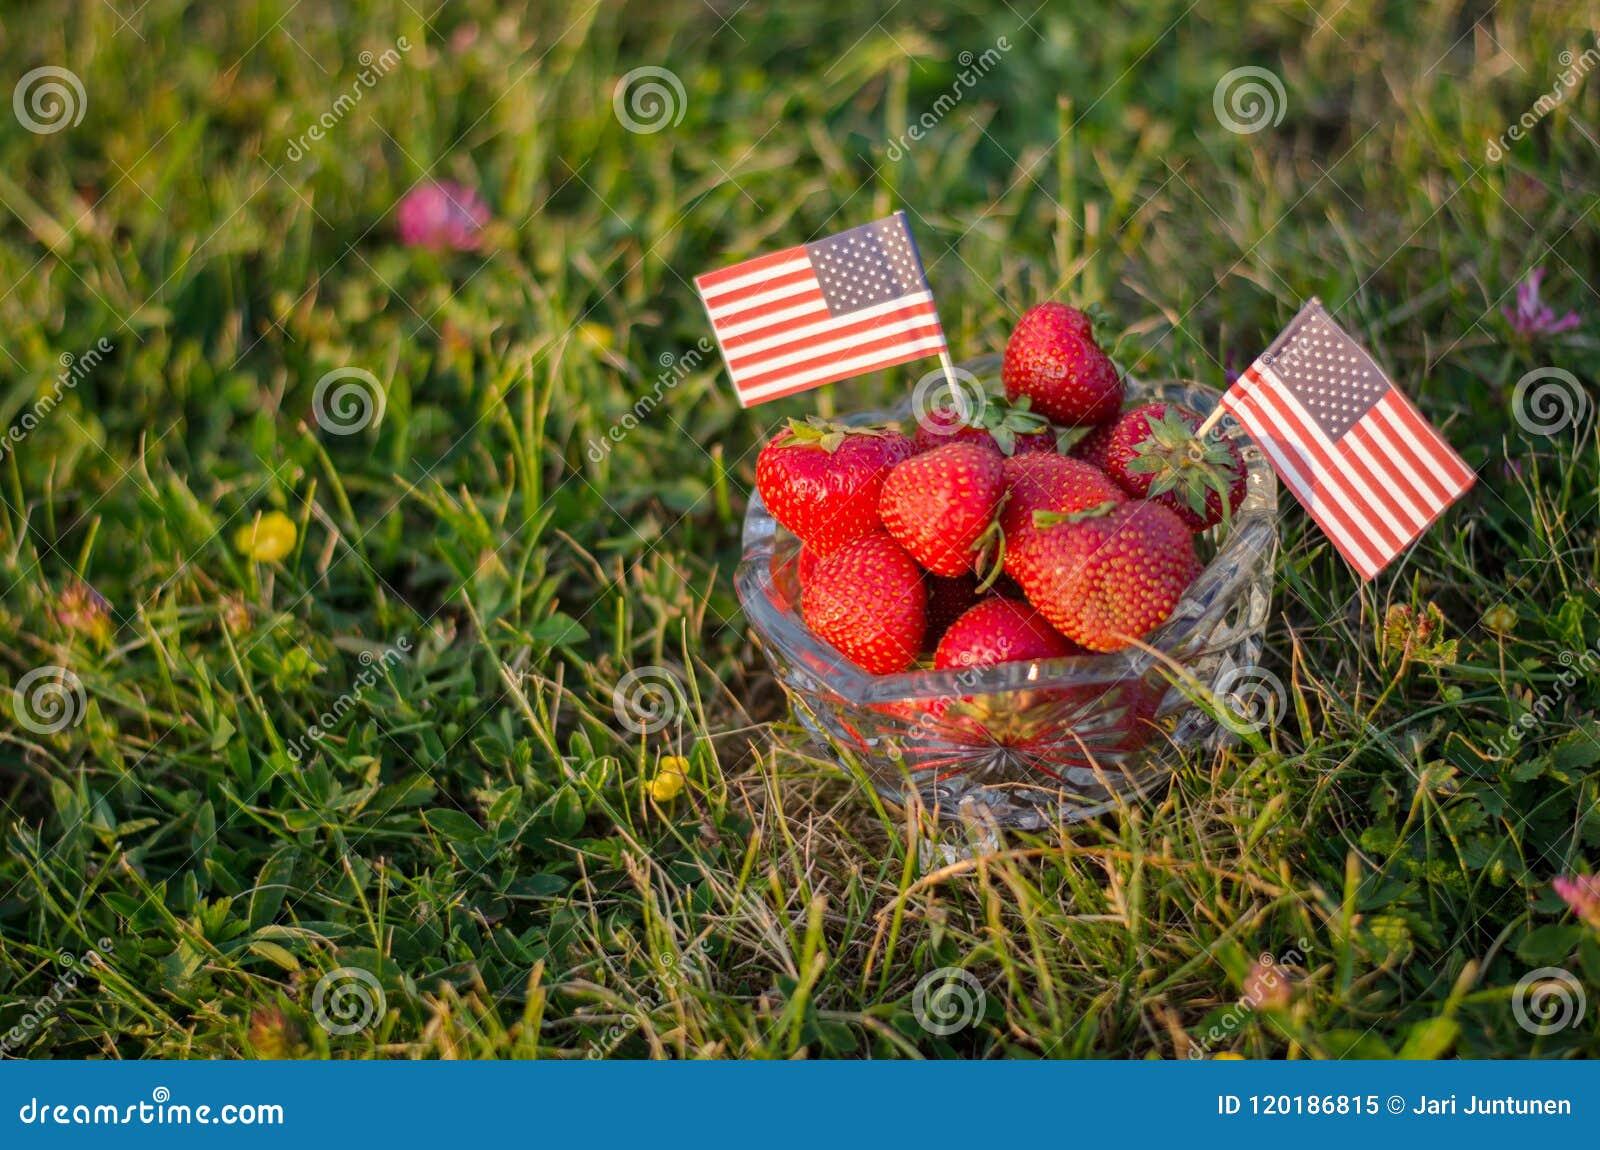 Aardbeien in een kom met Amerikaanse vlaggen